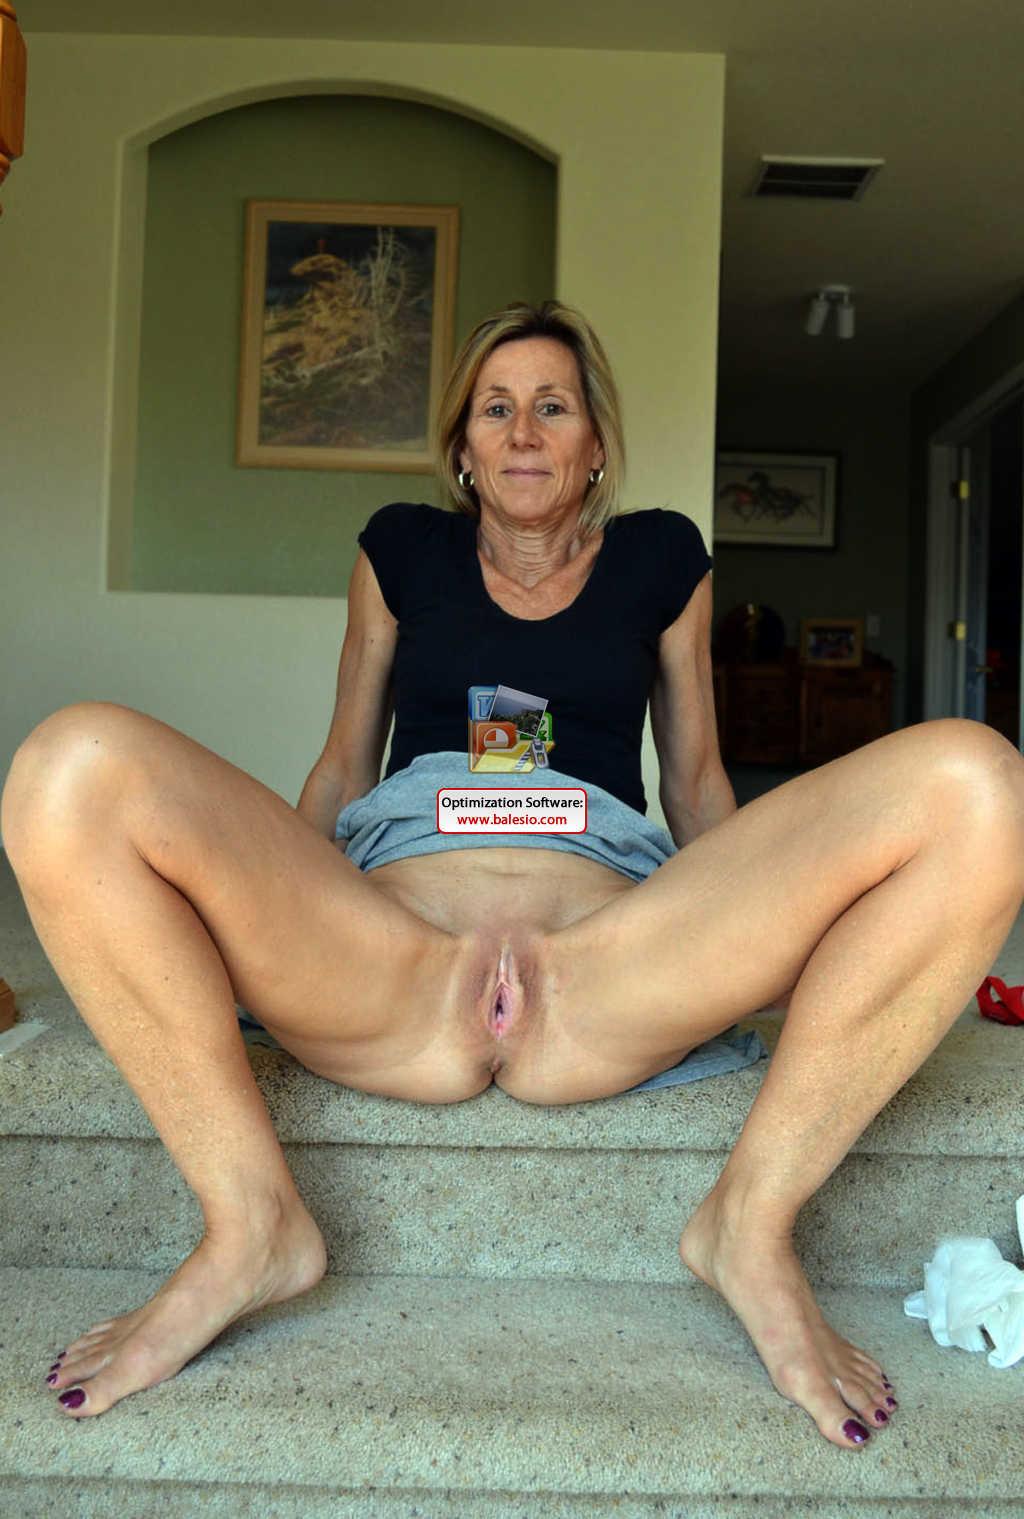 Woman On Floor